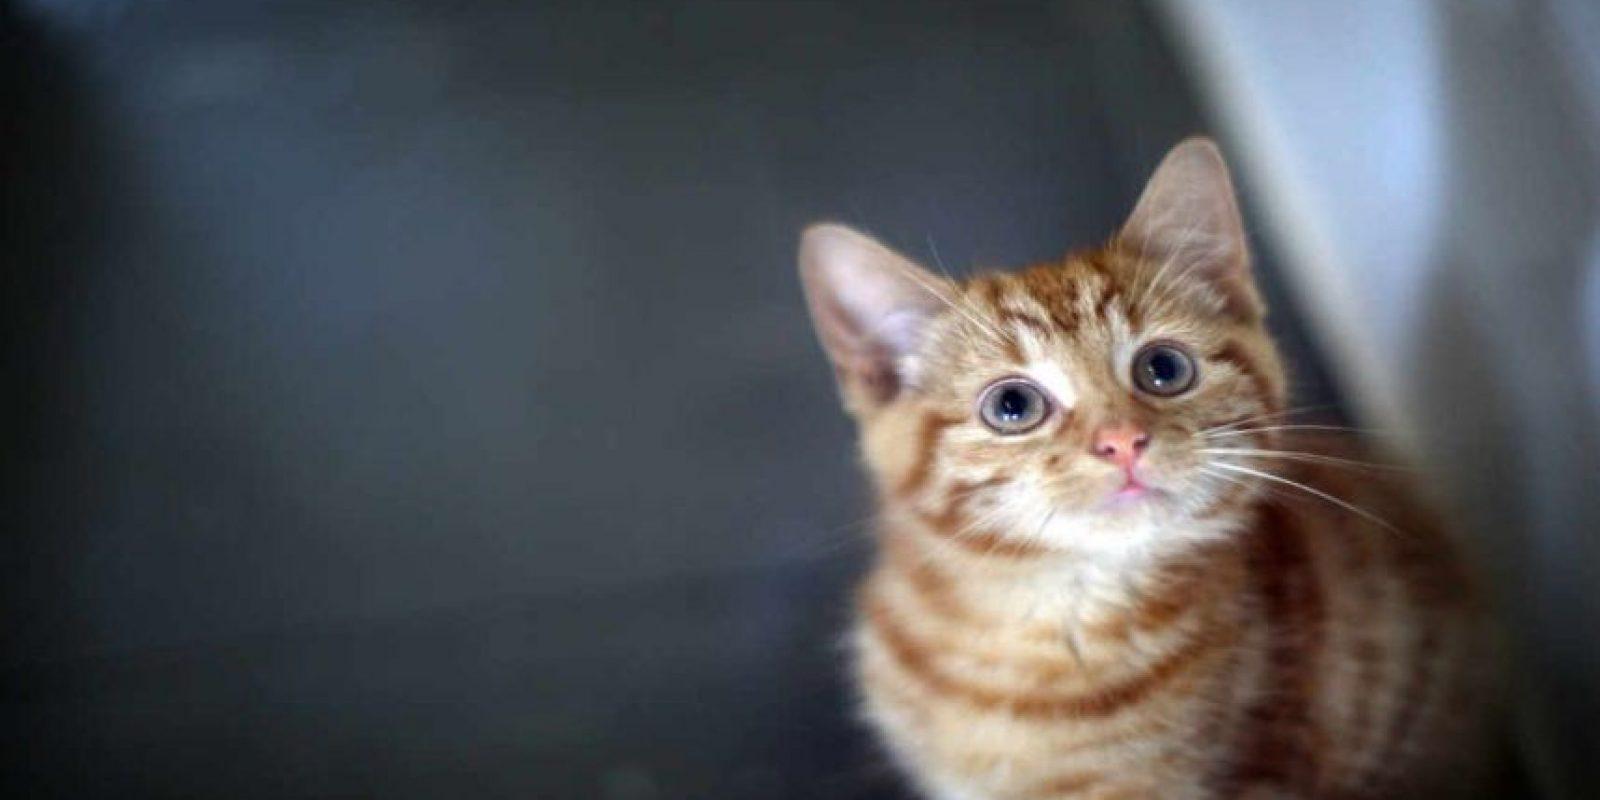 Las imágenes y videos de gatos son de las cosas más compartidas en Internet. Foto:Getty Images